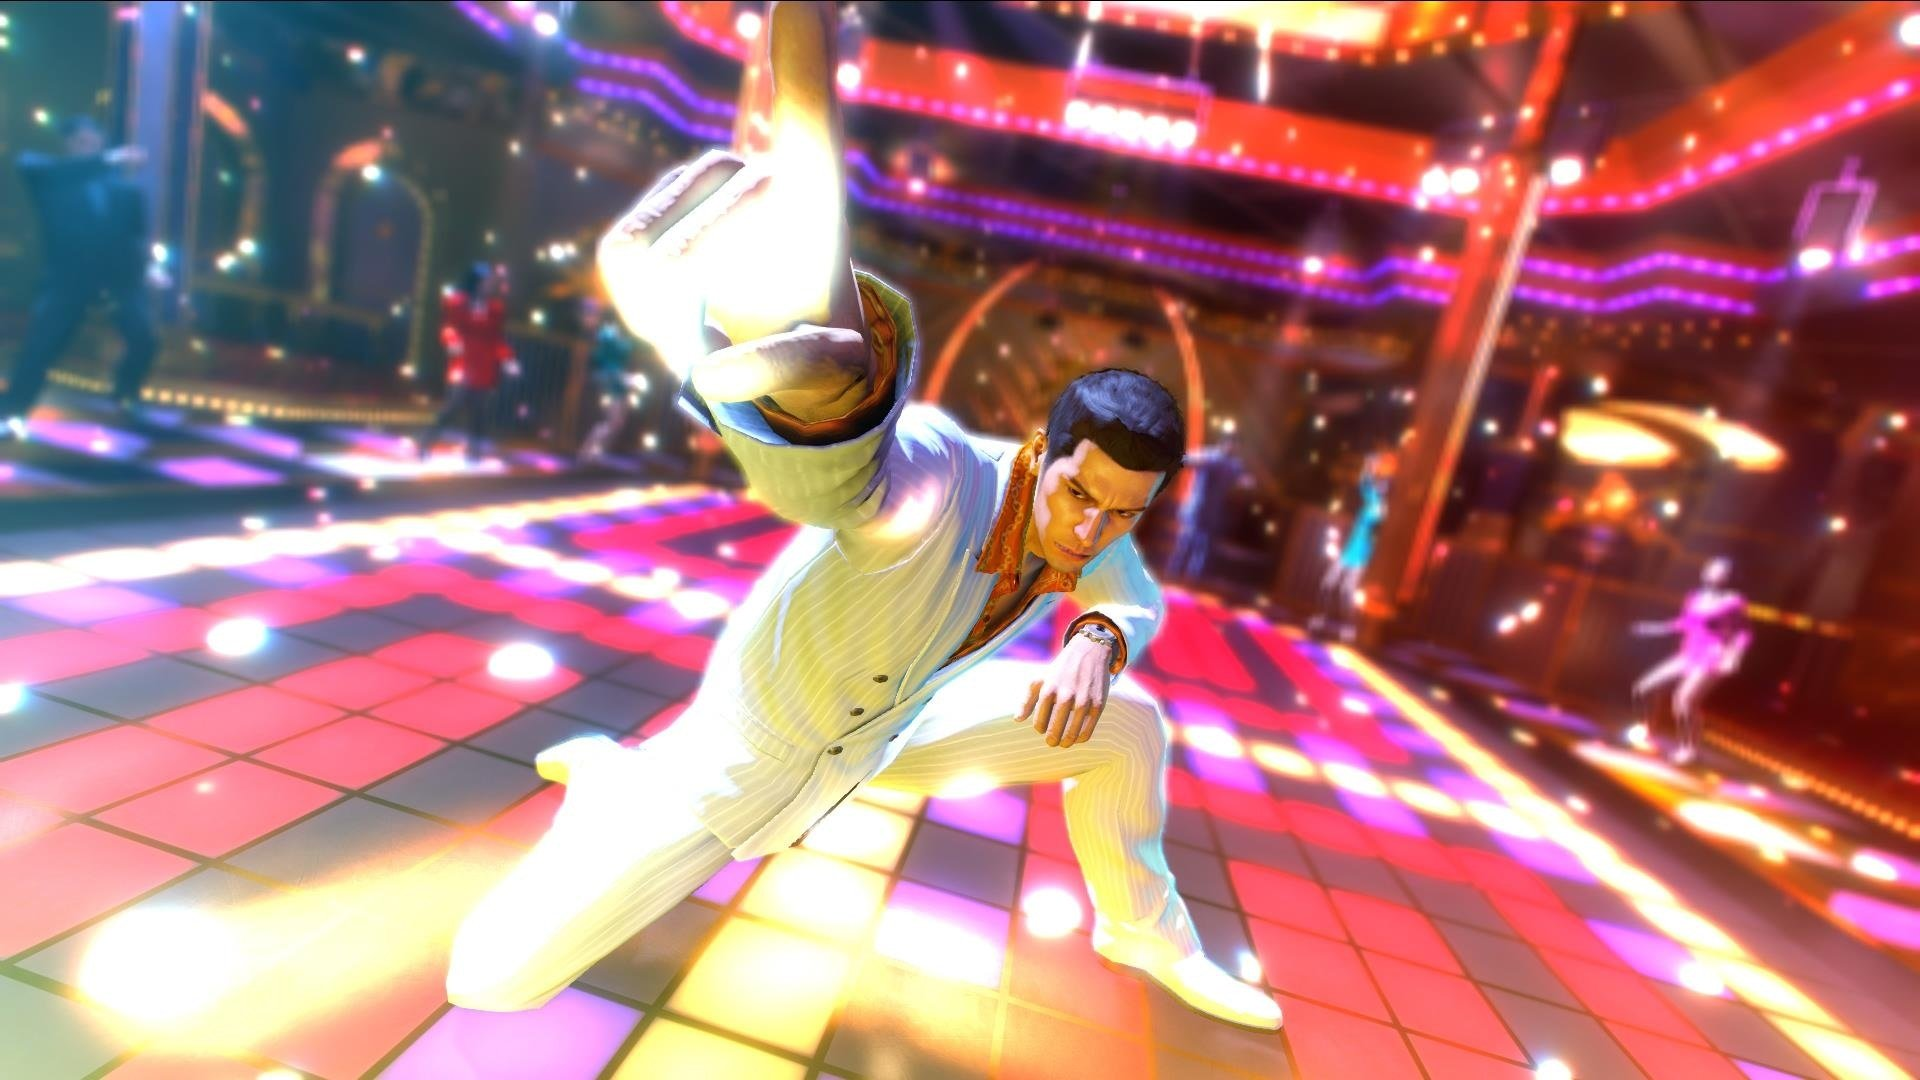 yakuza 0 xbox game pass best games